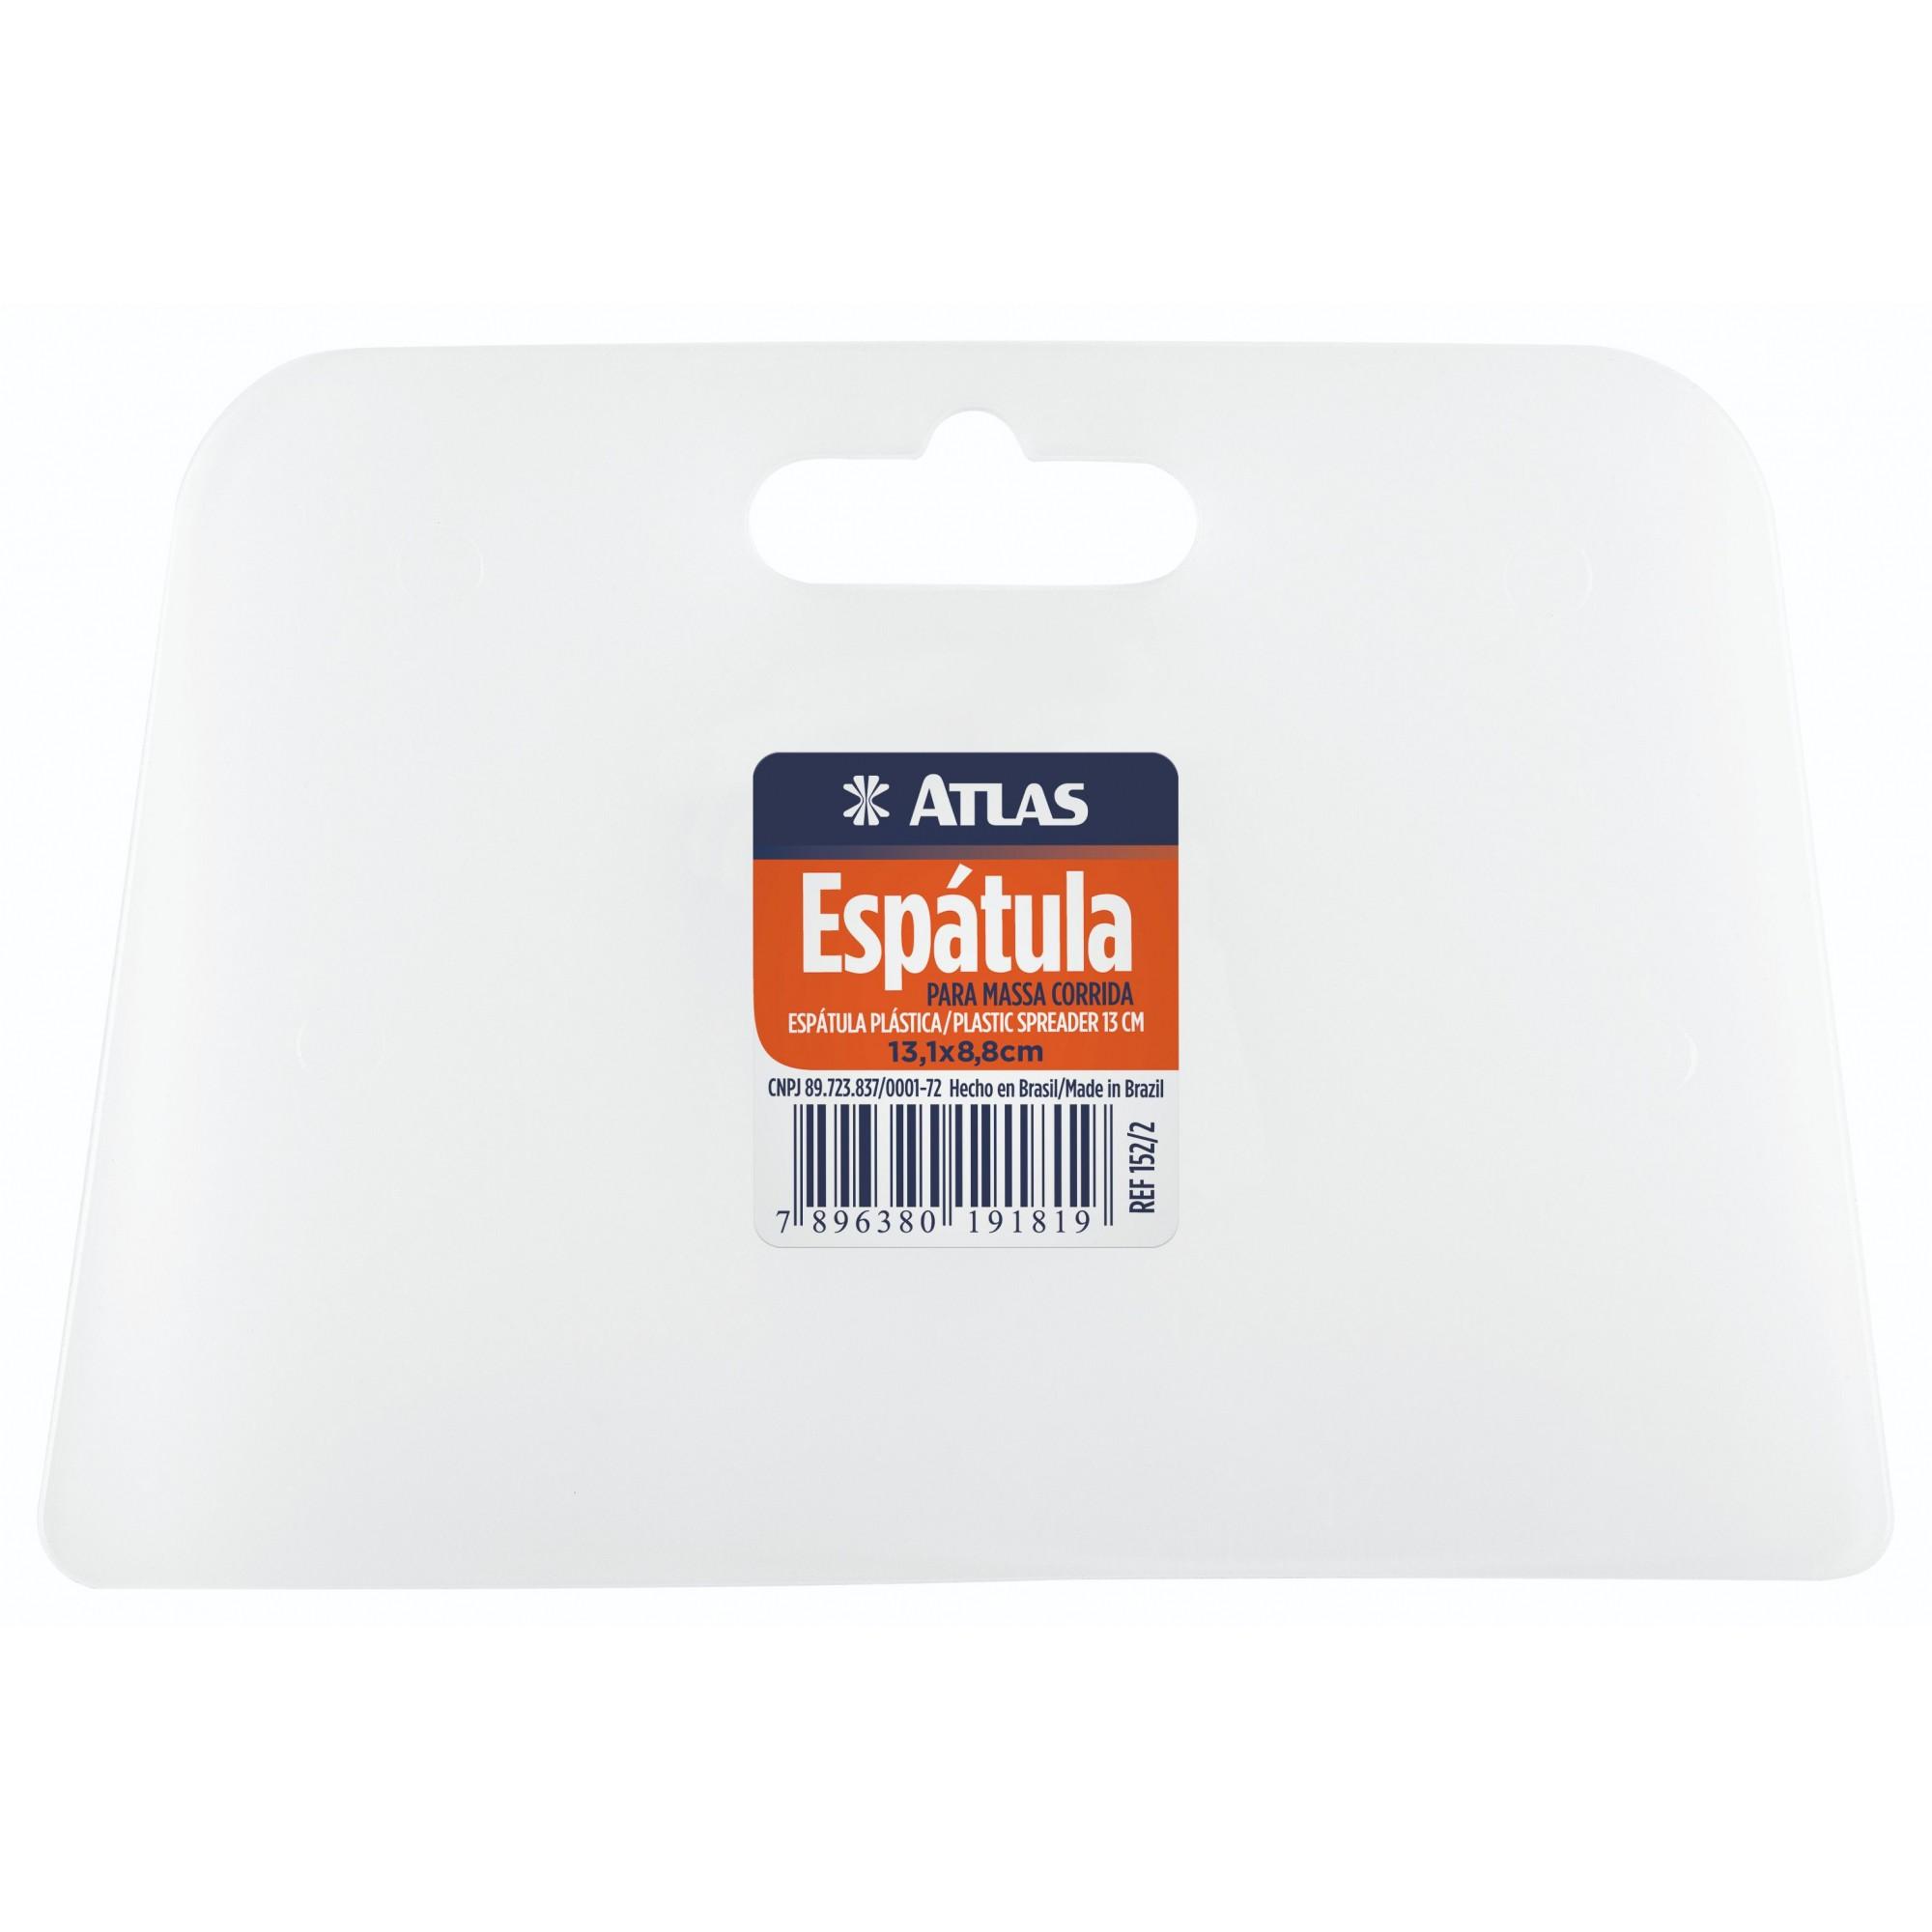 Espátula Plástica P/ Massa Corrida (Celulóide) 13,1 Cm Atlas 152/2.